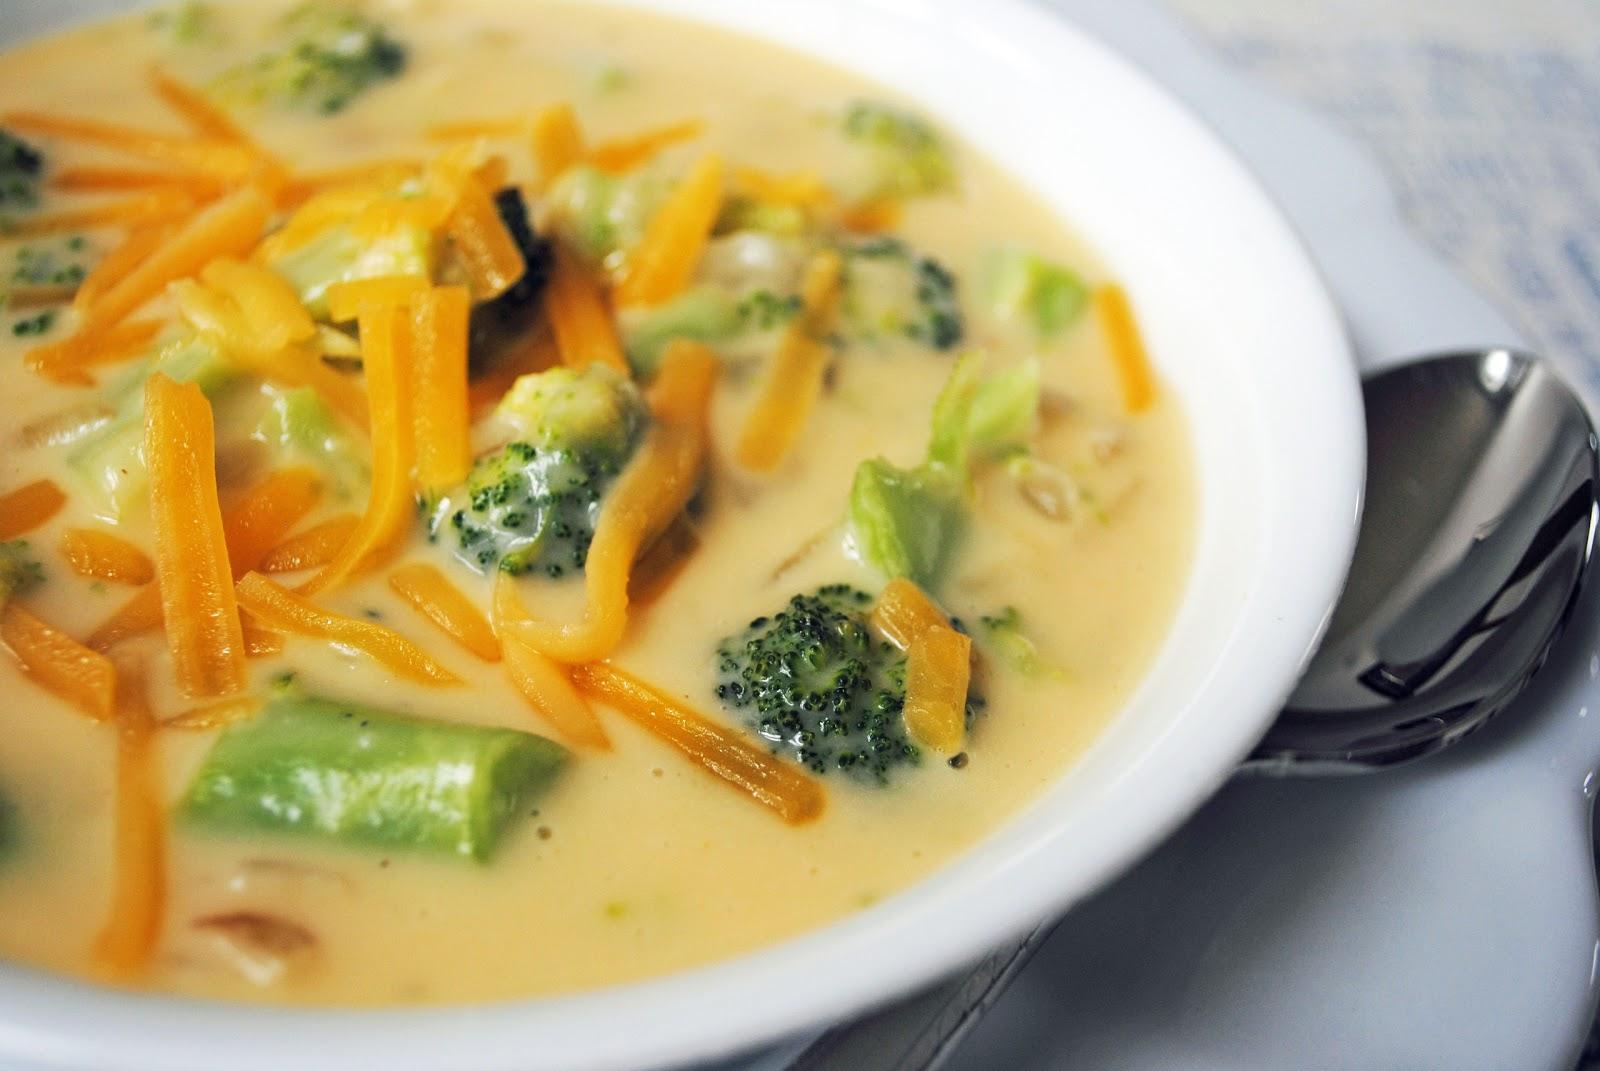 http://1.bp.blogspot.com/_QrJAYdeRGTs/TJz34yyiNUI/AAAAAAAAA50/MYhCiDP61mw/s1600/cream+of+broccoli+soup+081--edited+2+elements.jpg